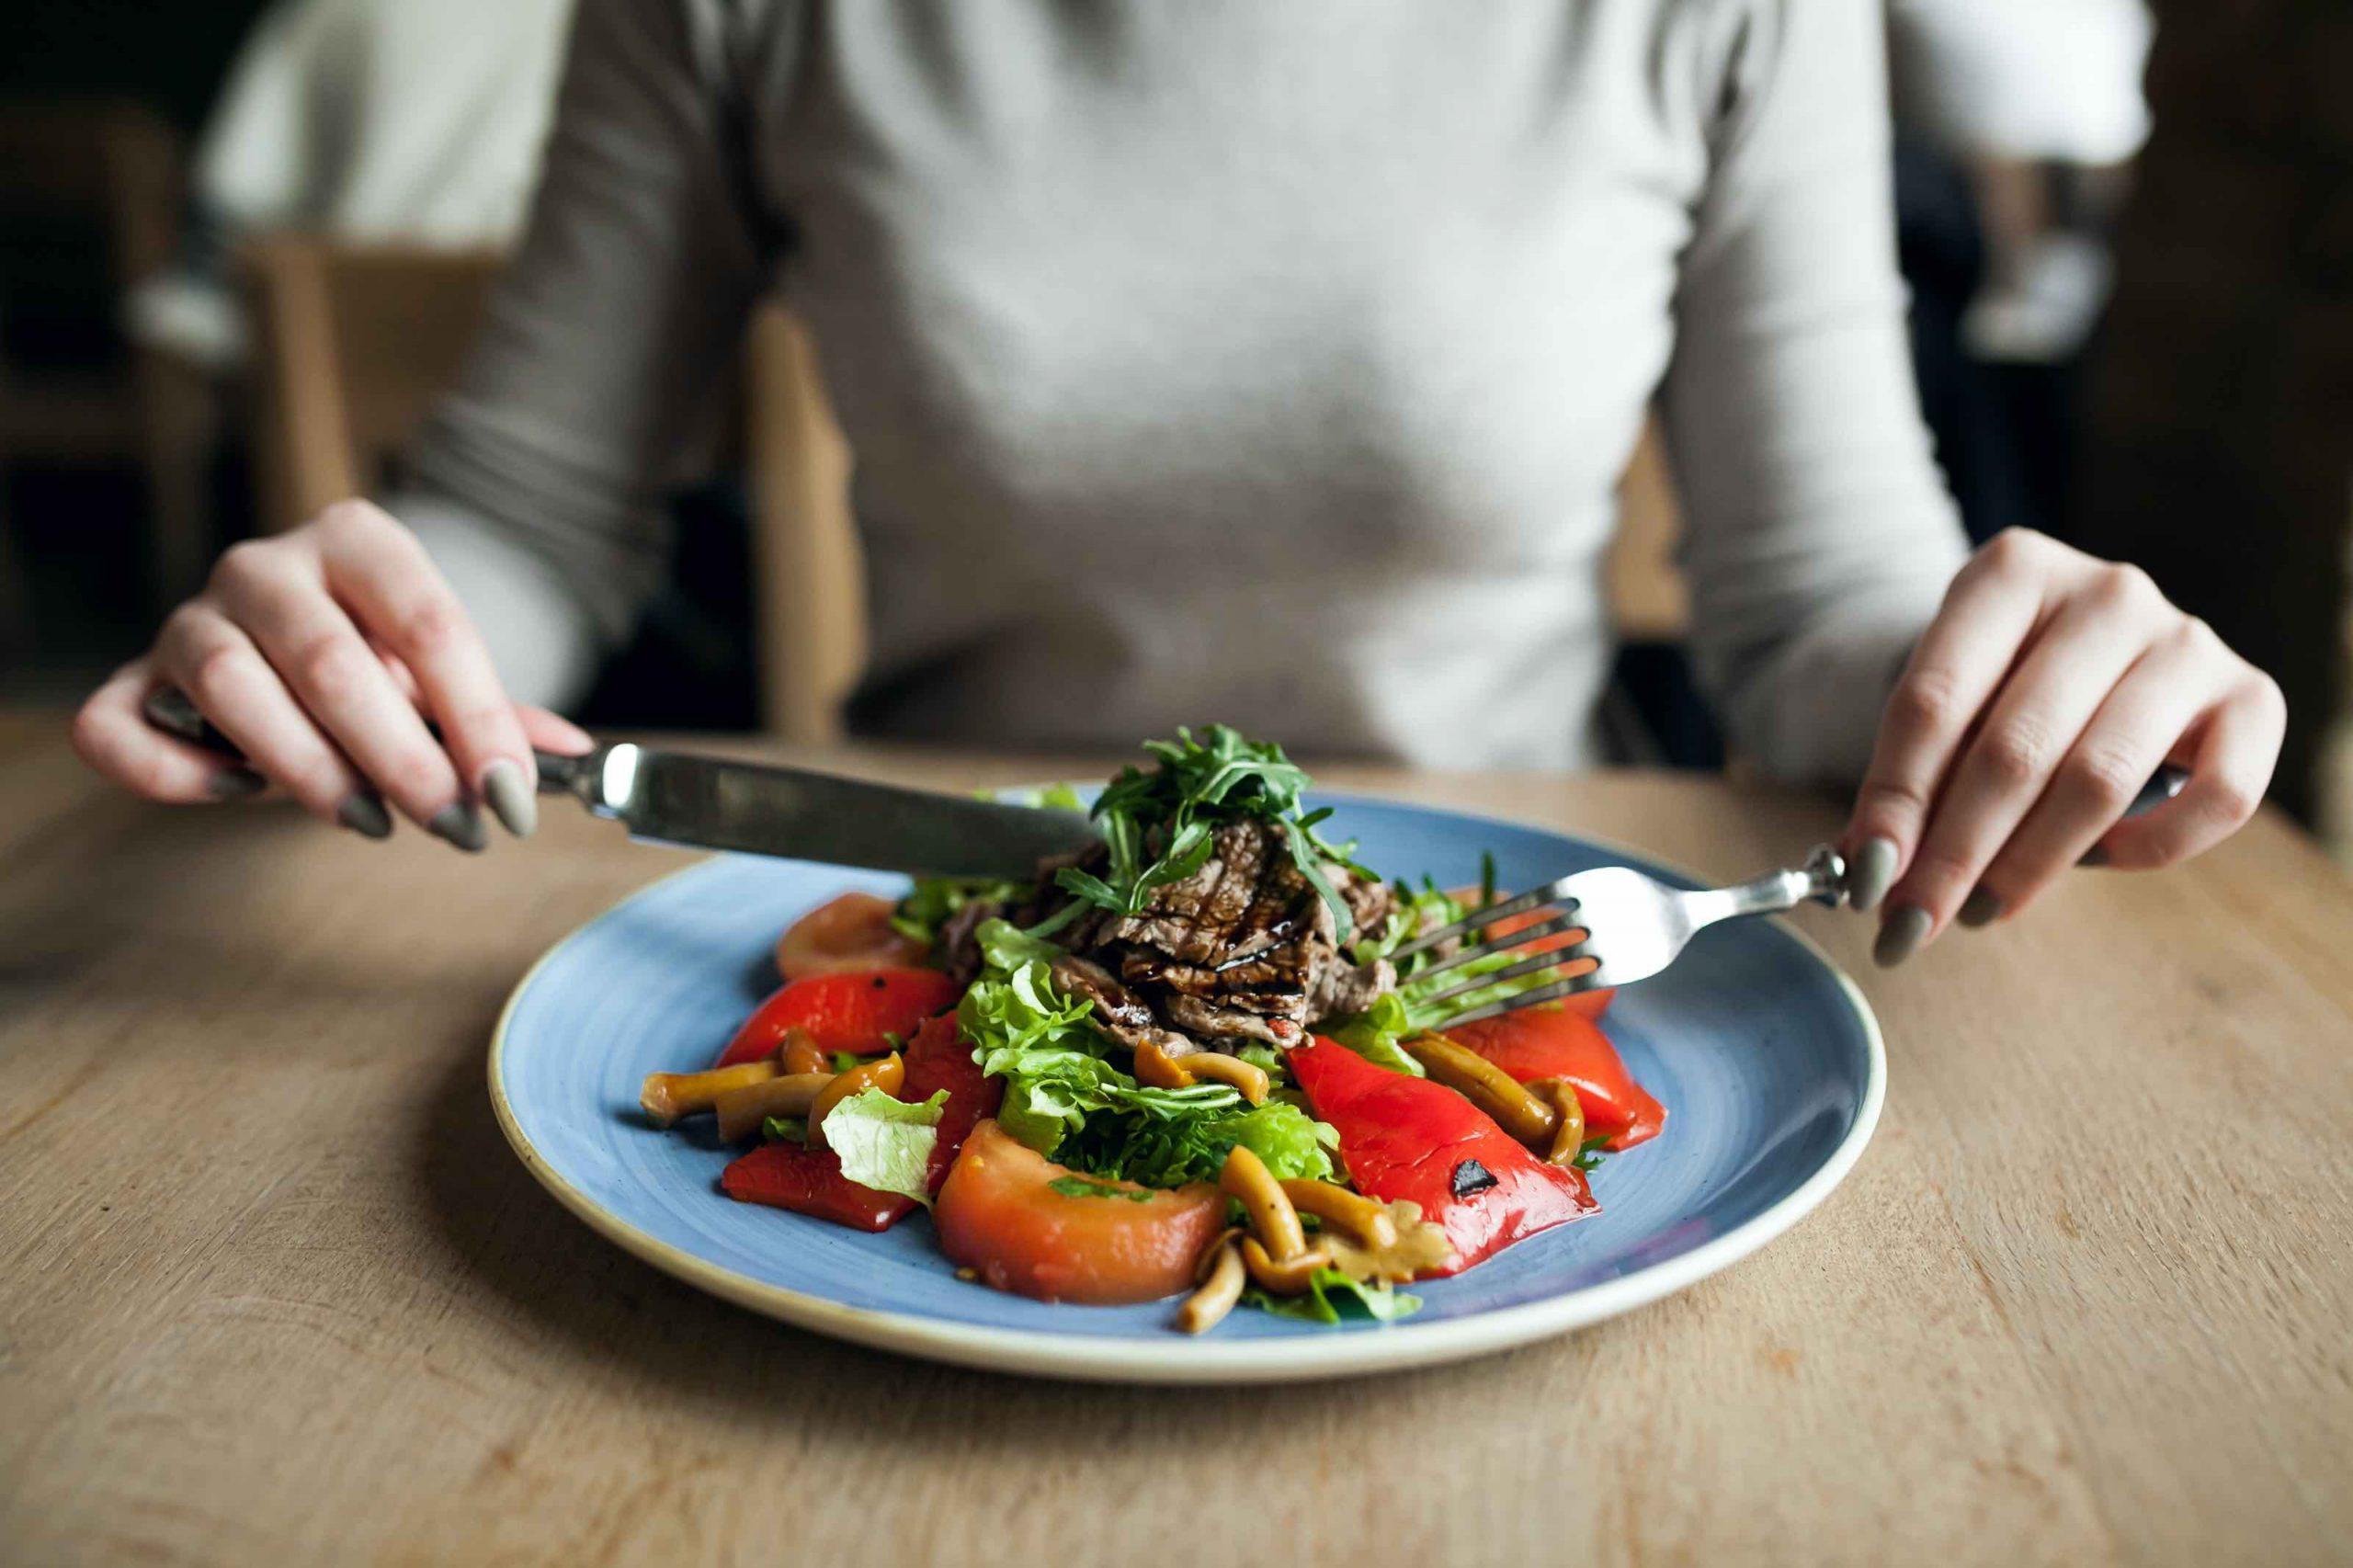 5 ventajas de las dietas altas en proteína y bajas en carbohidratos que quizá desconocías